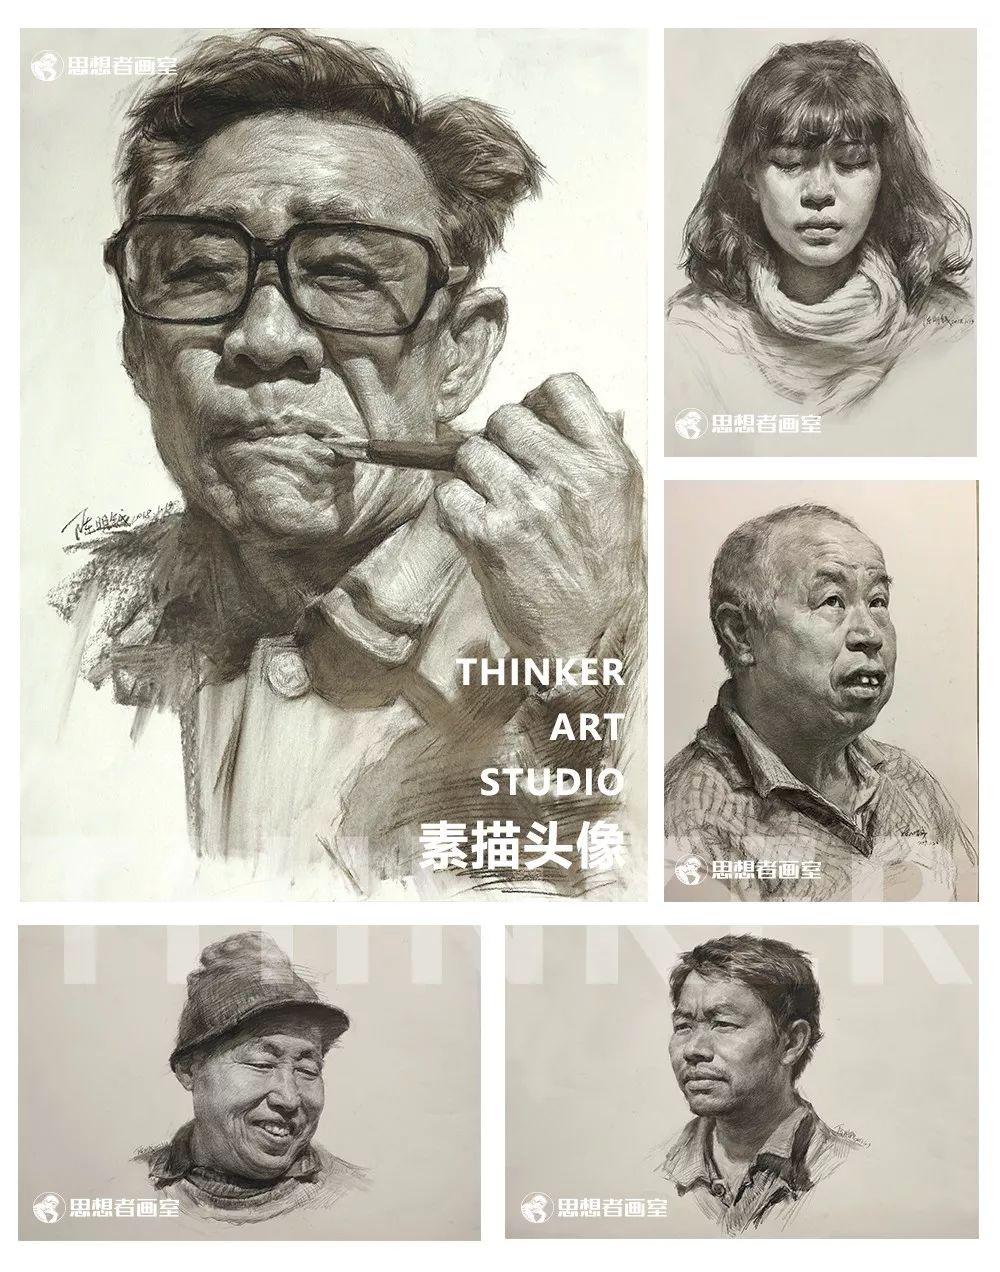 北京思想者画室预报名开启,北京画室招生,北京美术画室    17